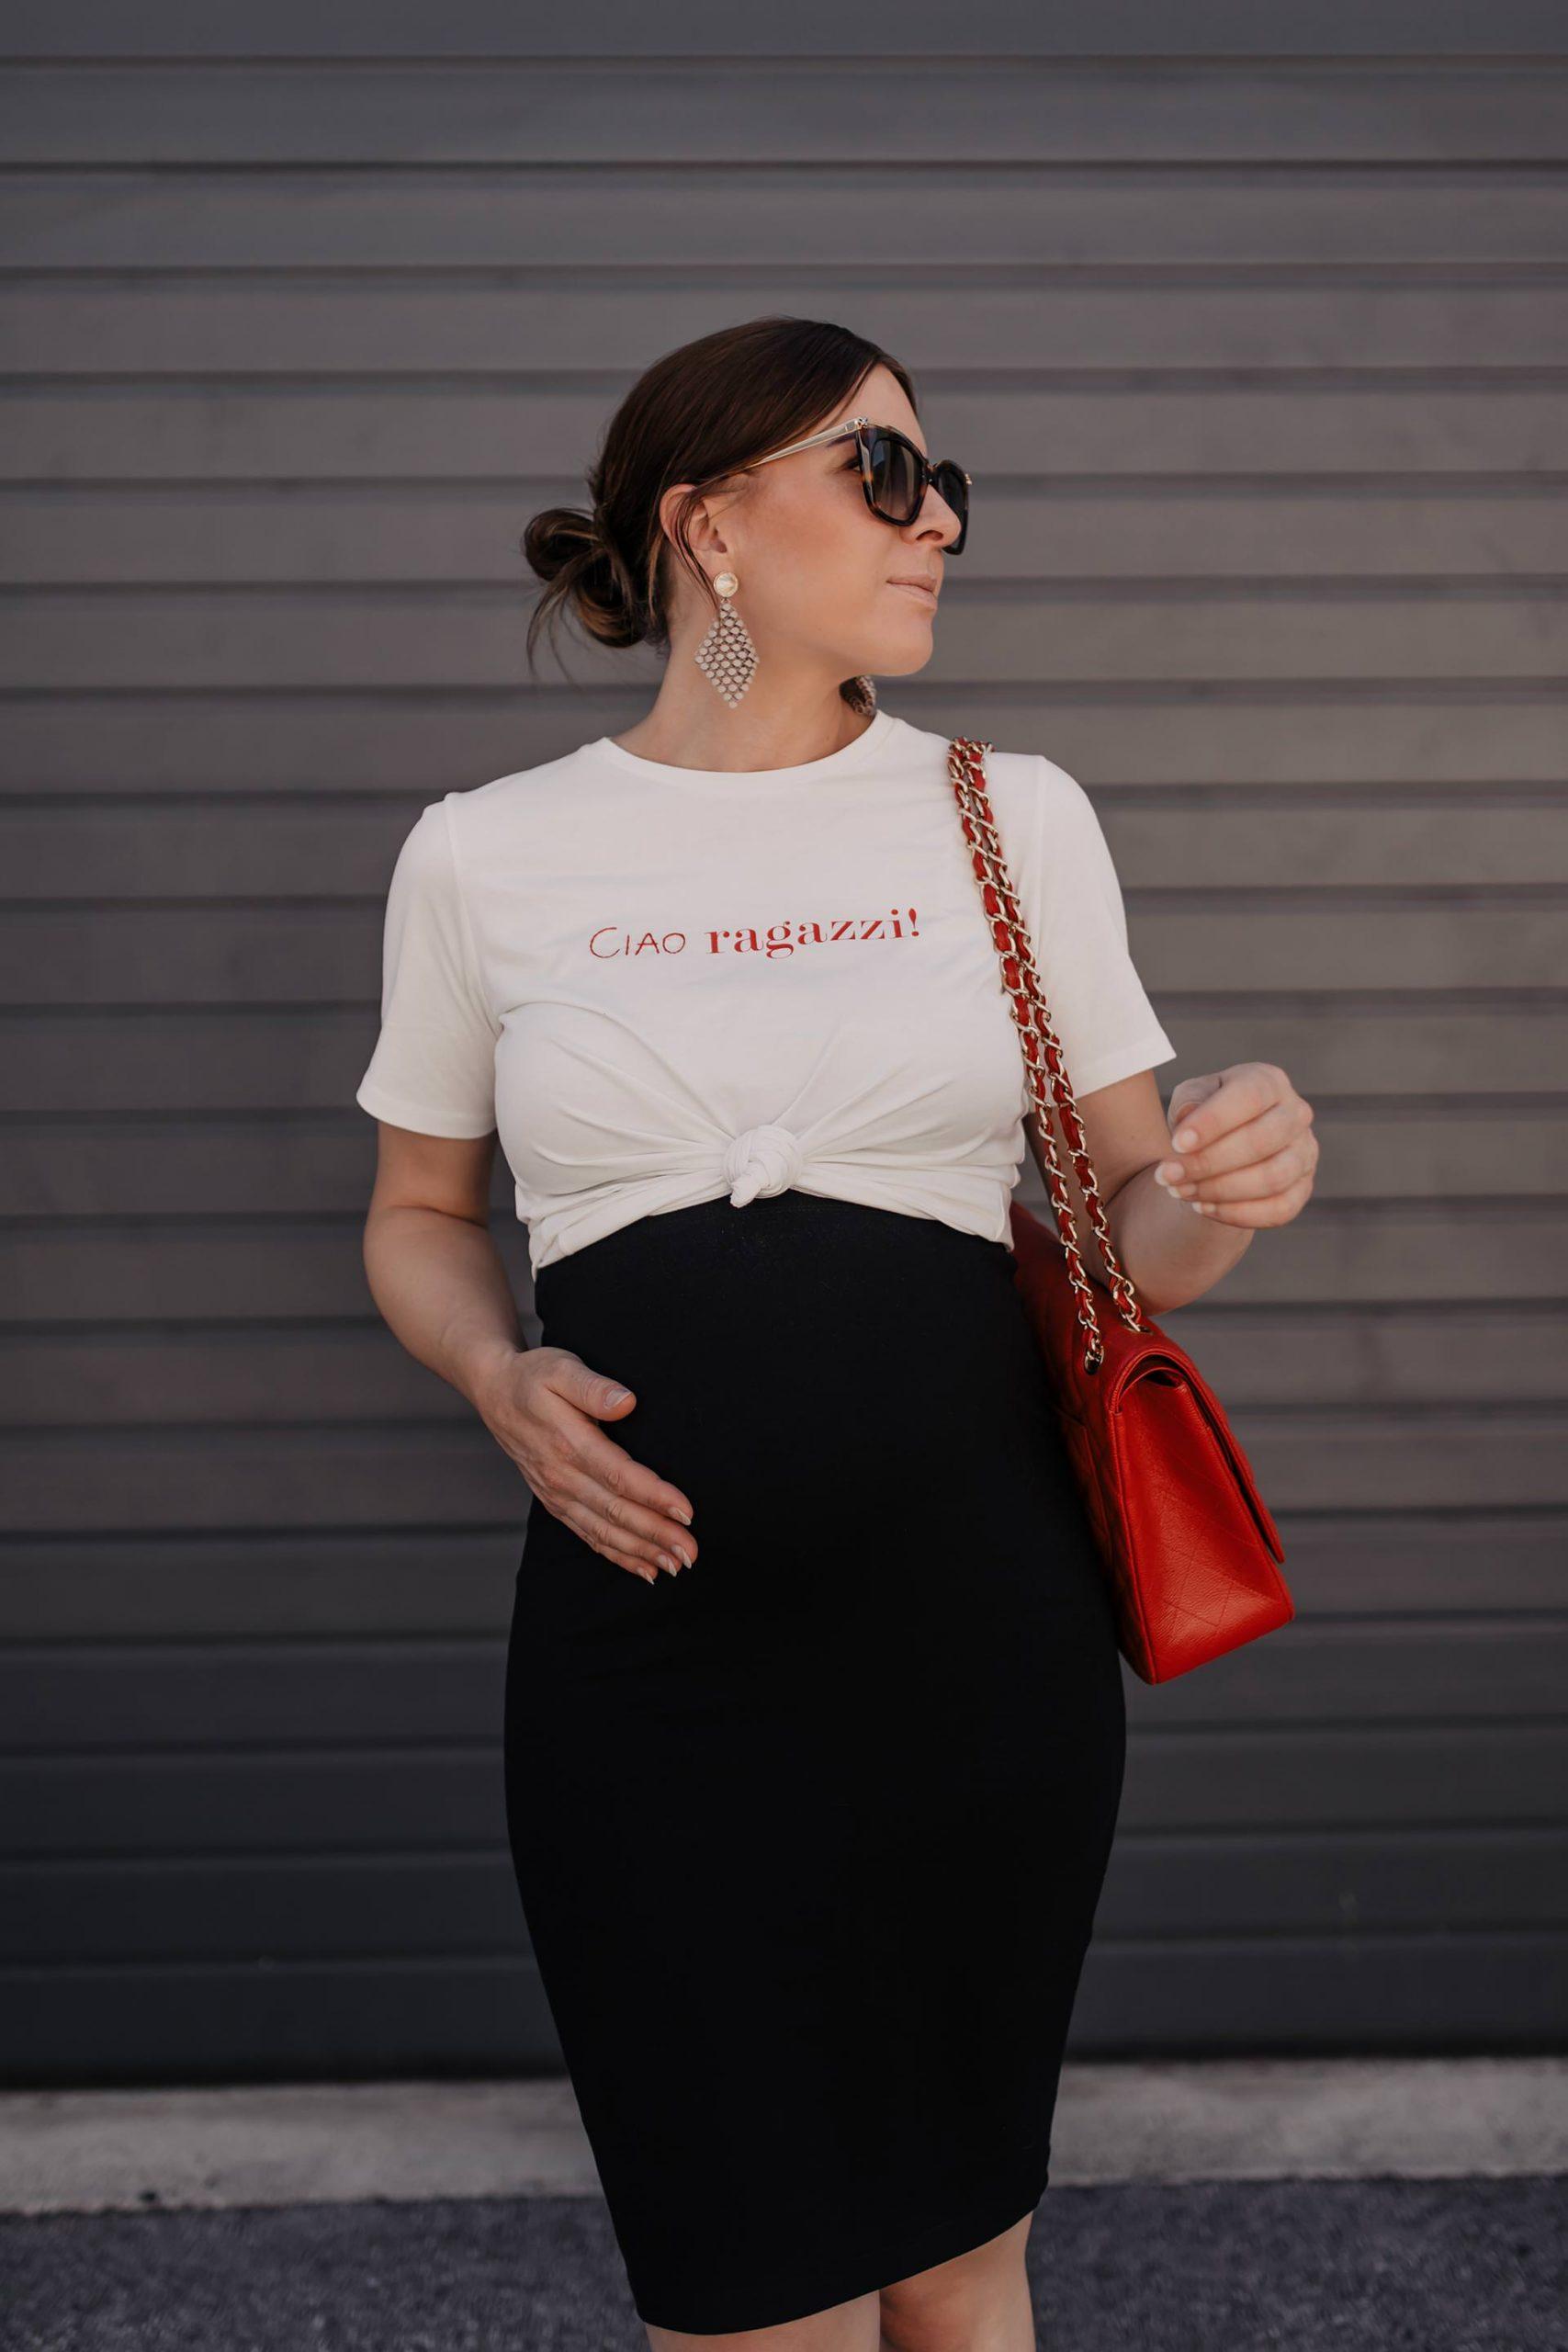 Ohne #Umstandsmode durch den Sommer zu kommen ist gar nicht so schwer! Ich zeige dir mein Lieblingsoutfit im 7. Monat und gebe dir praktische Styling-Tipps. www.whoismocca.com #Schwangerschaftsoutfit #stylethebump